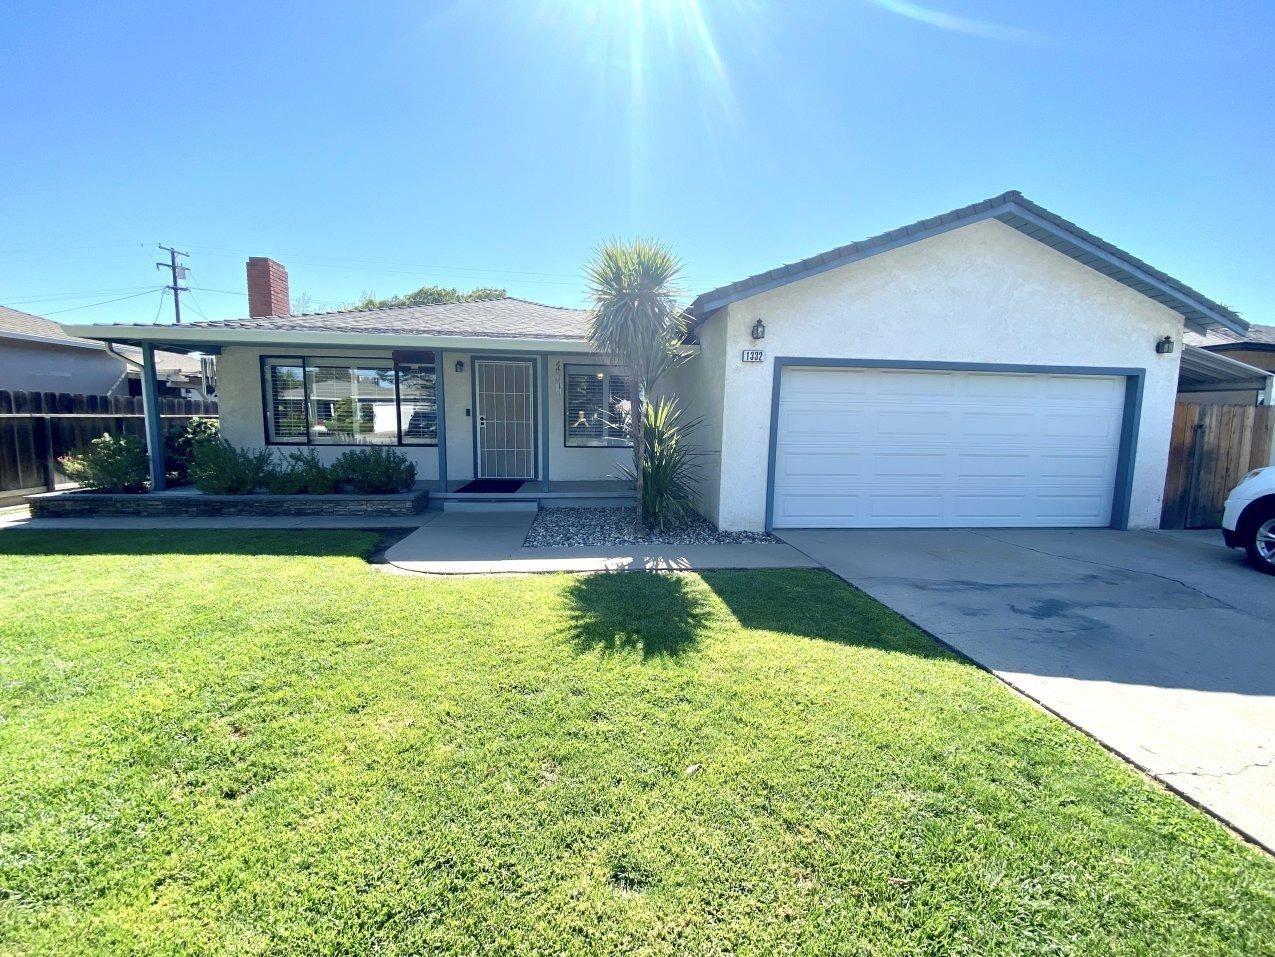 1332 Trombetta Avenue, Modesto, CA 95350 - MLS#: 221076738